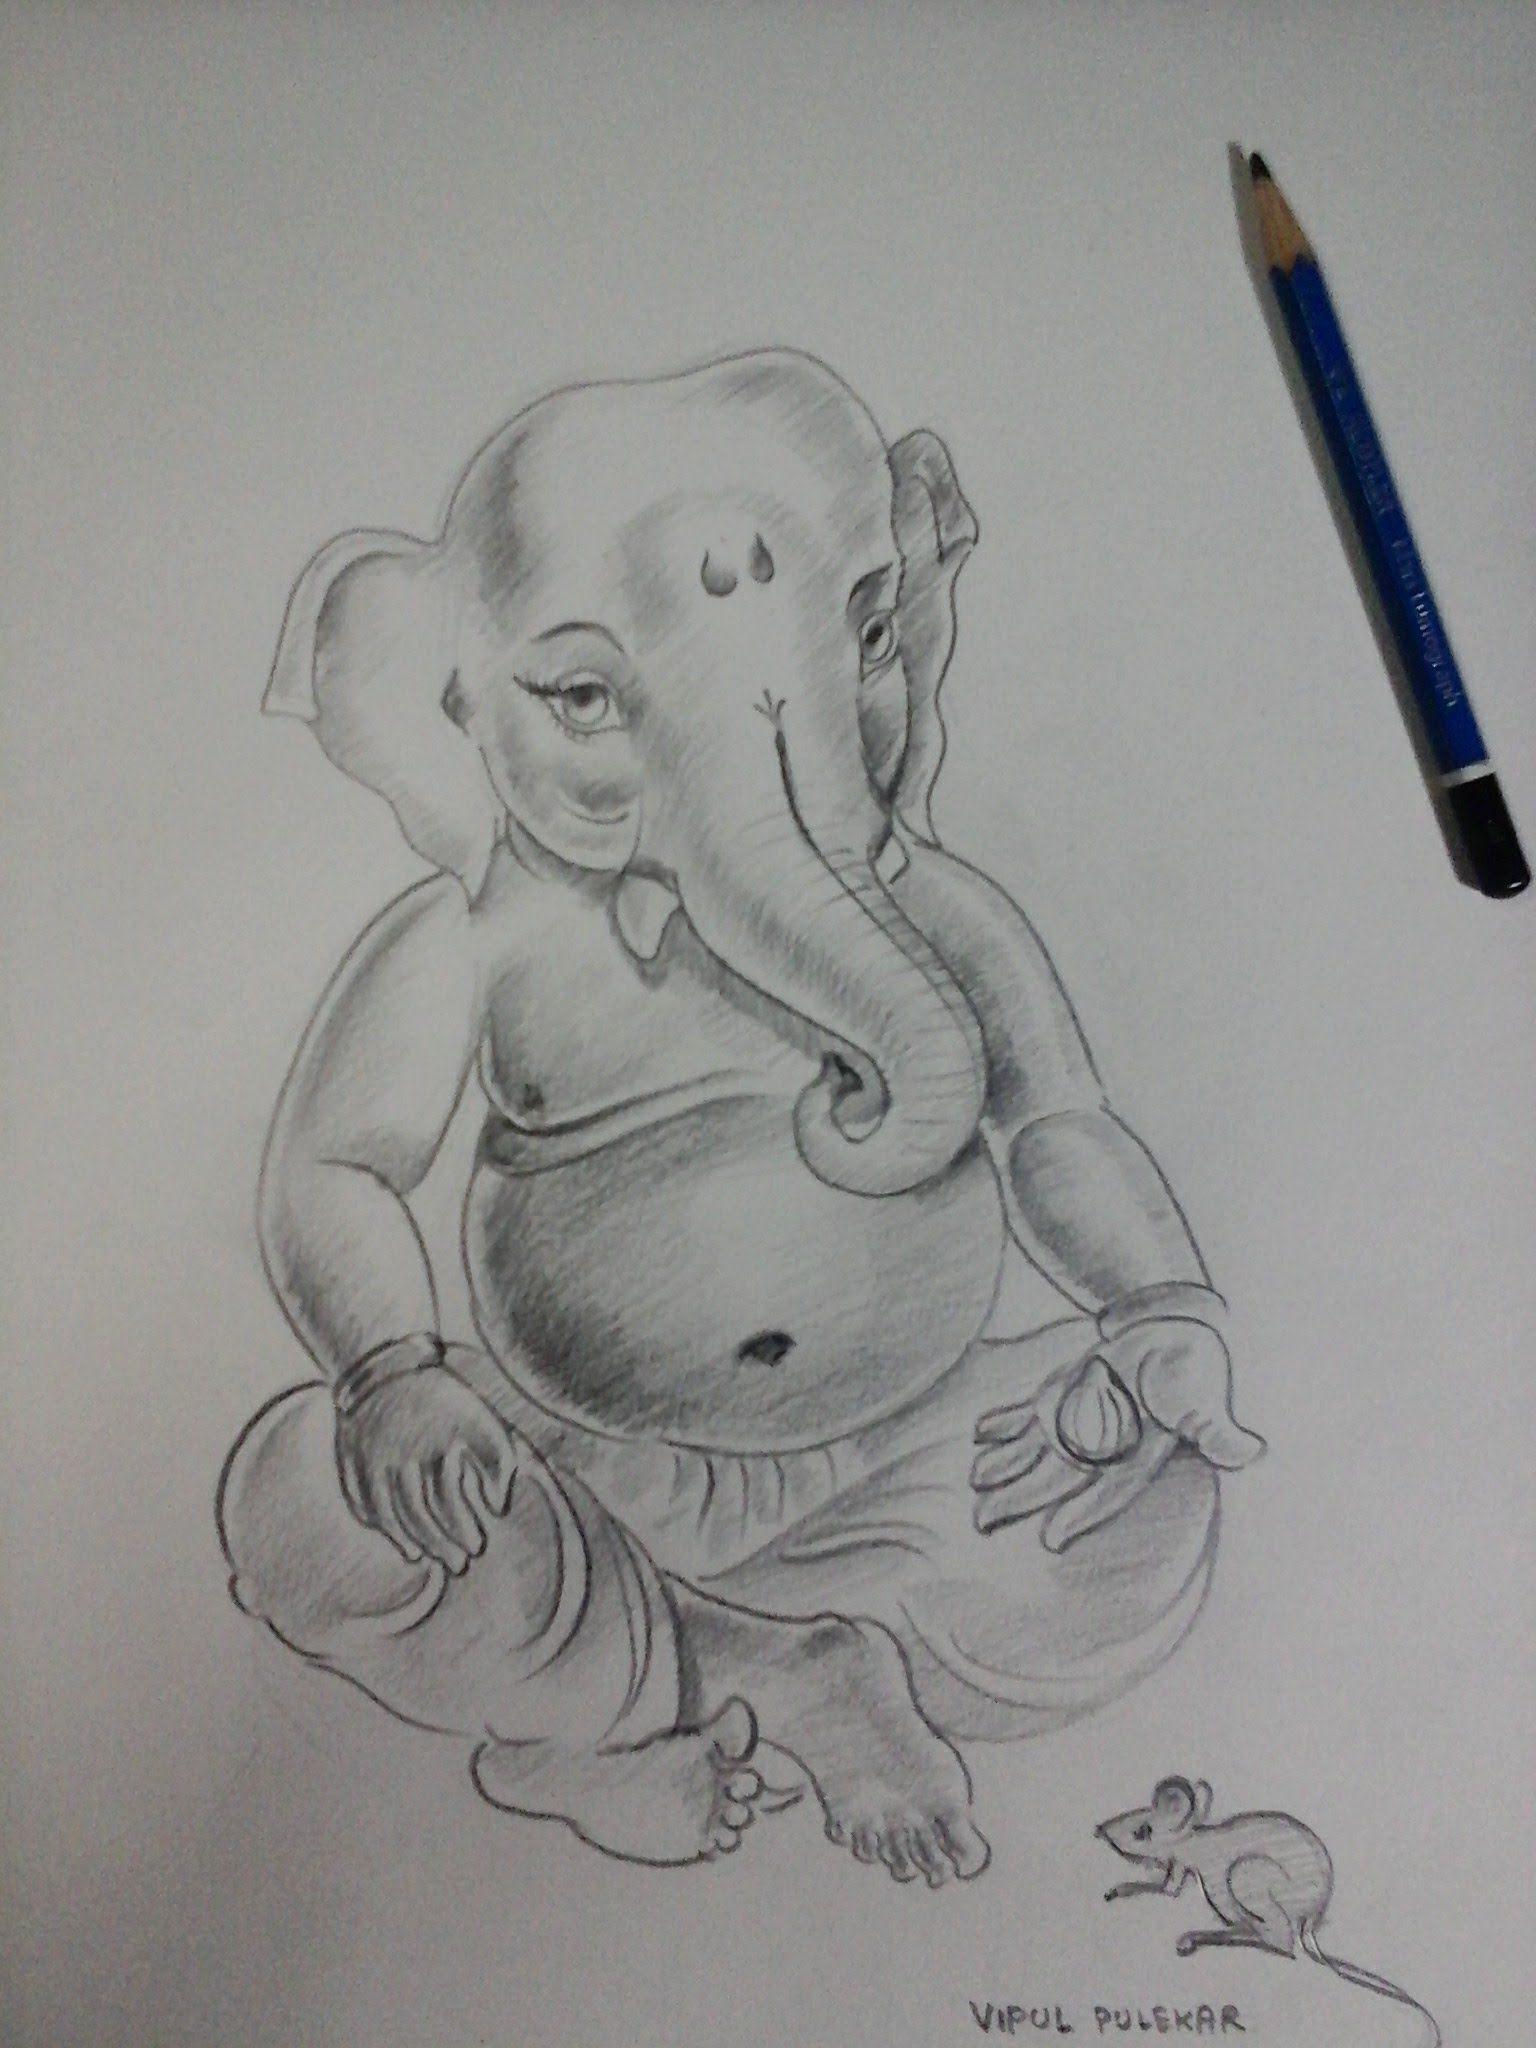 How to make ganesha bal ganesha sketch with pencil shading part 1